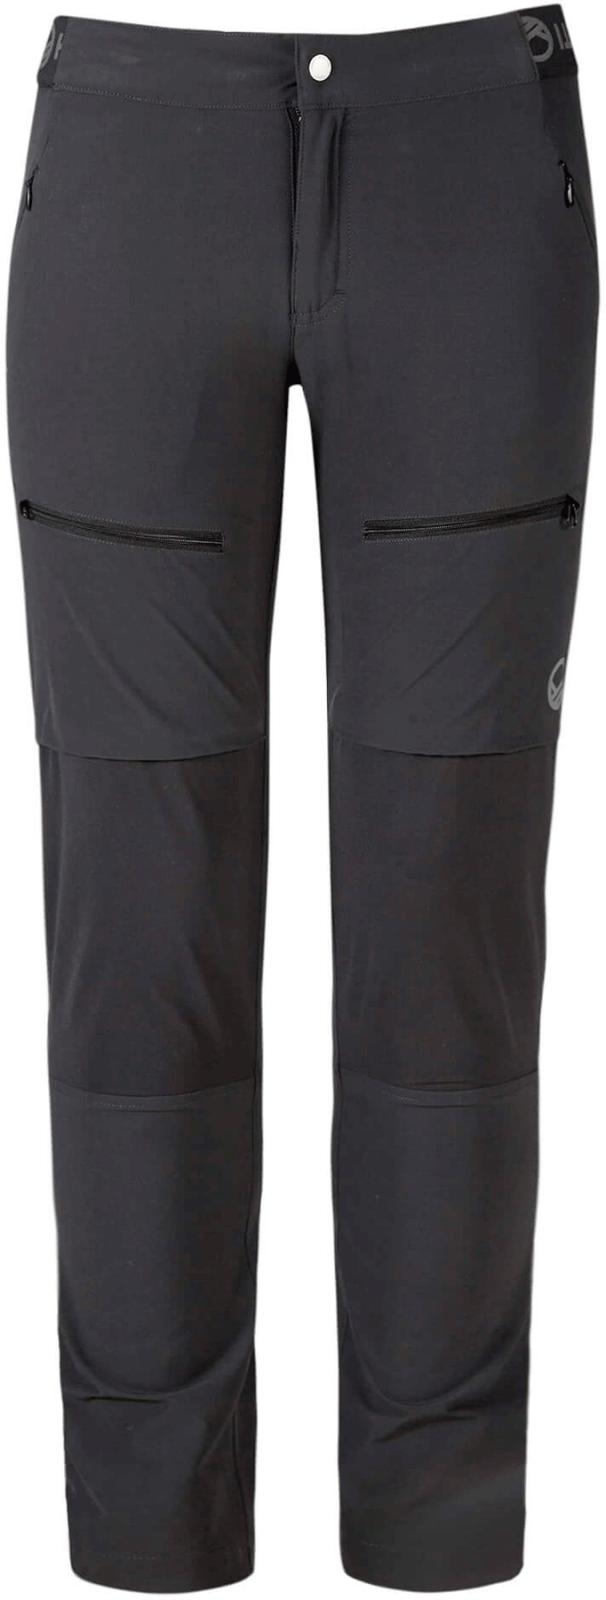 Halti Kalhoty Pallas W - černá